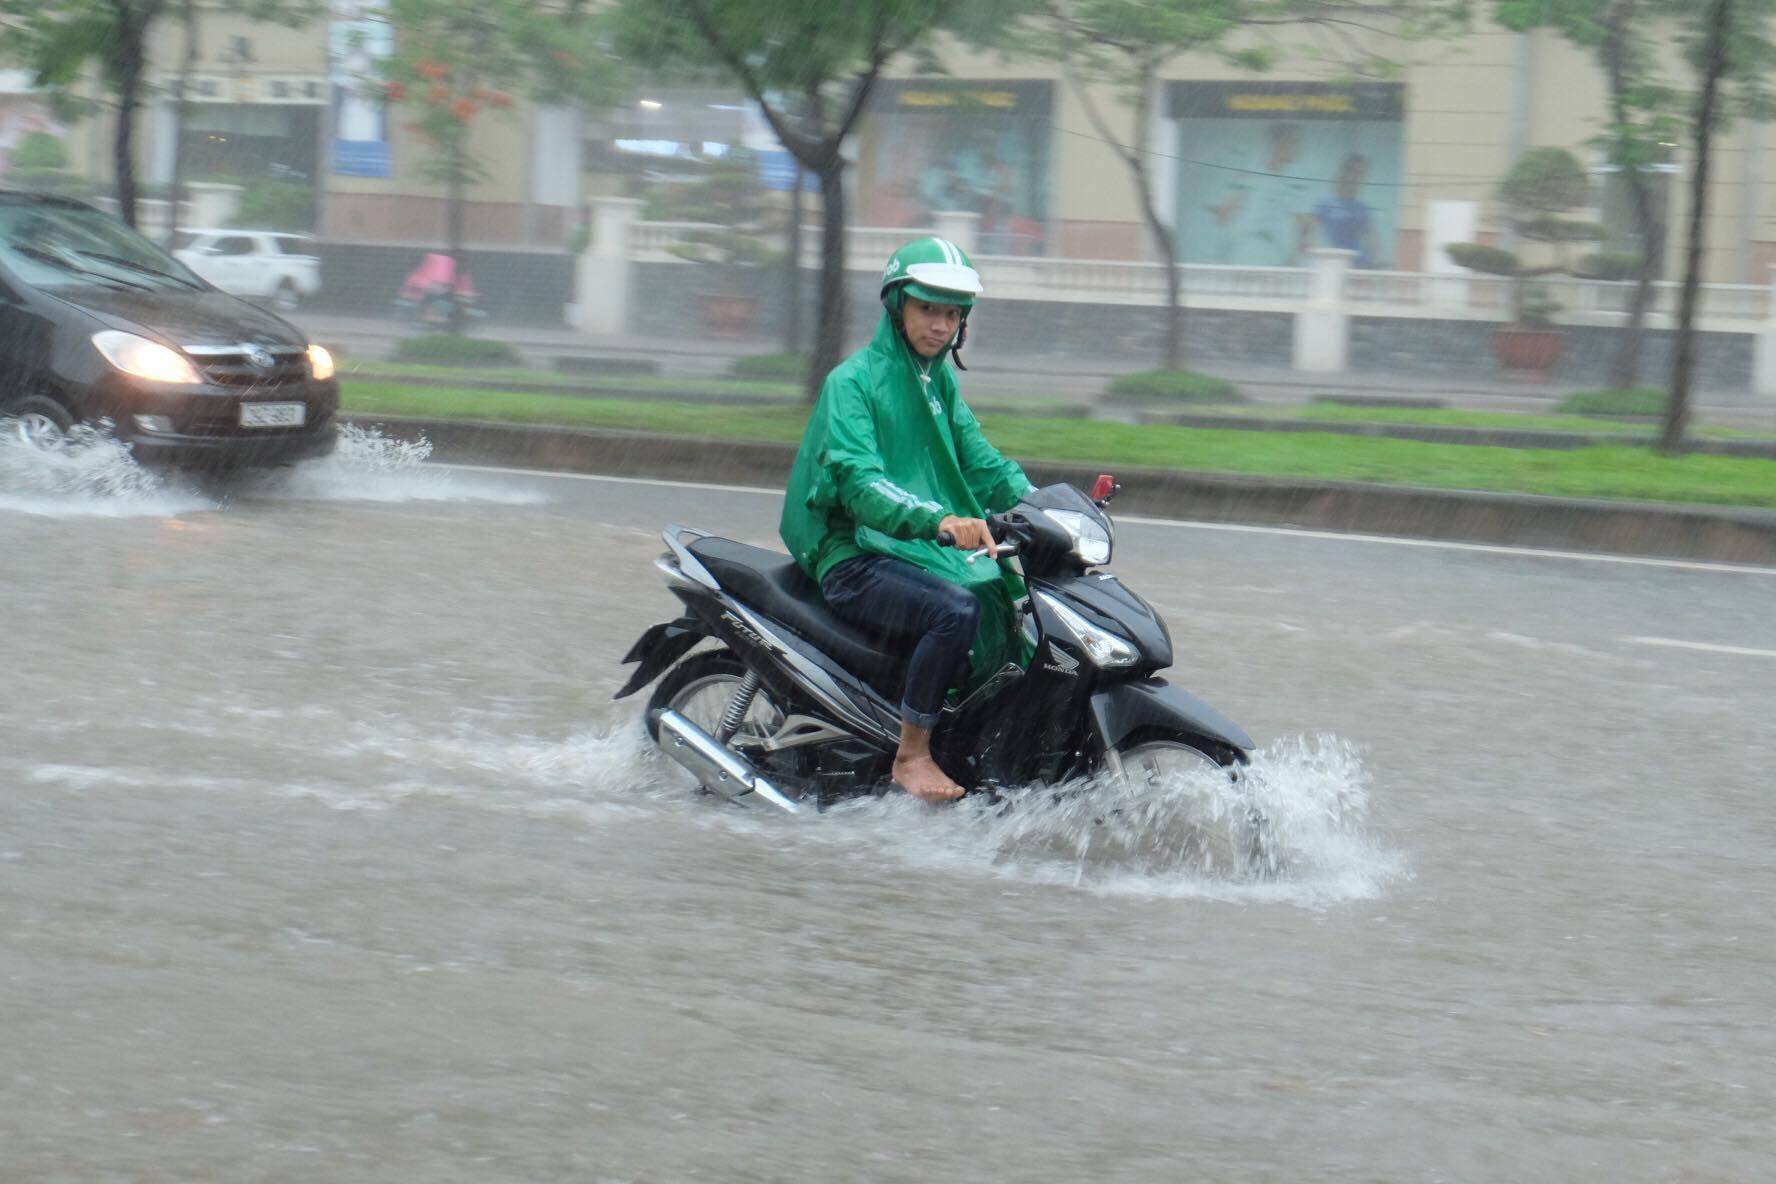 Ảnh hưởng của bão số 2: Hà Nội mưa lớn kéo dài, nhiều tuyến phố chìm trong biển nước - Ảnh 9.